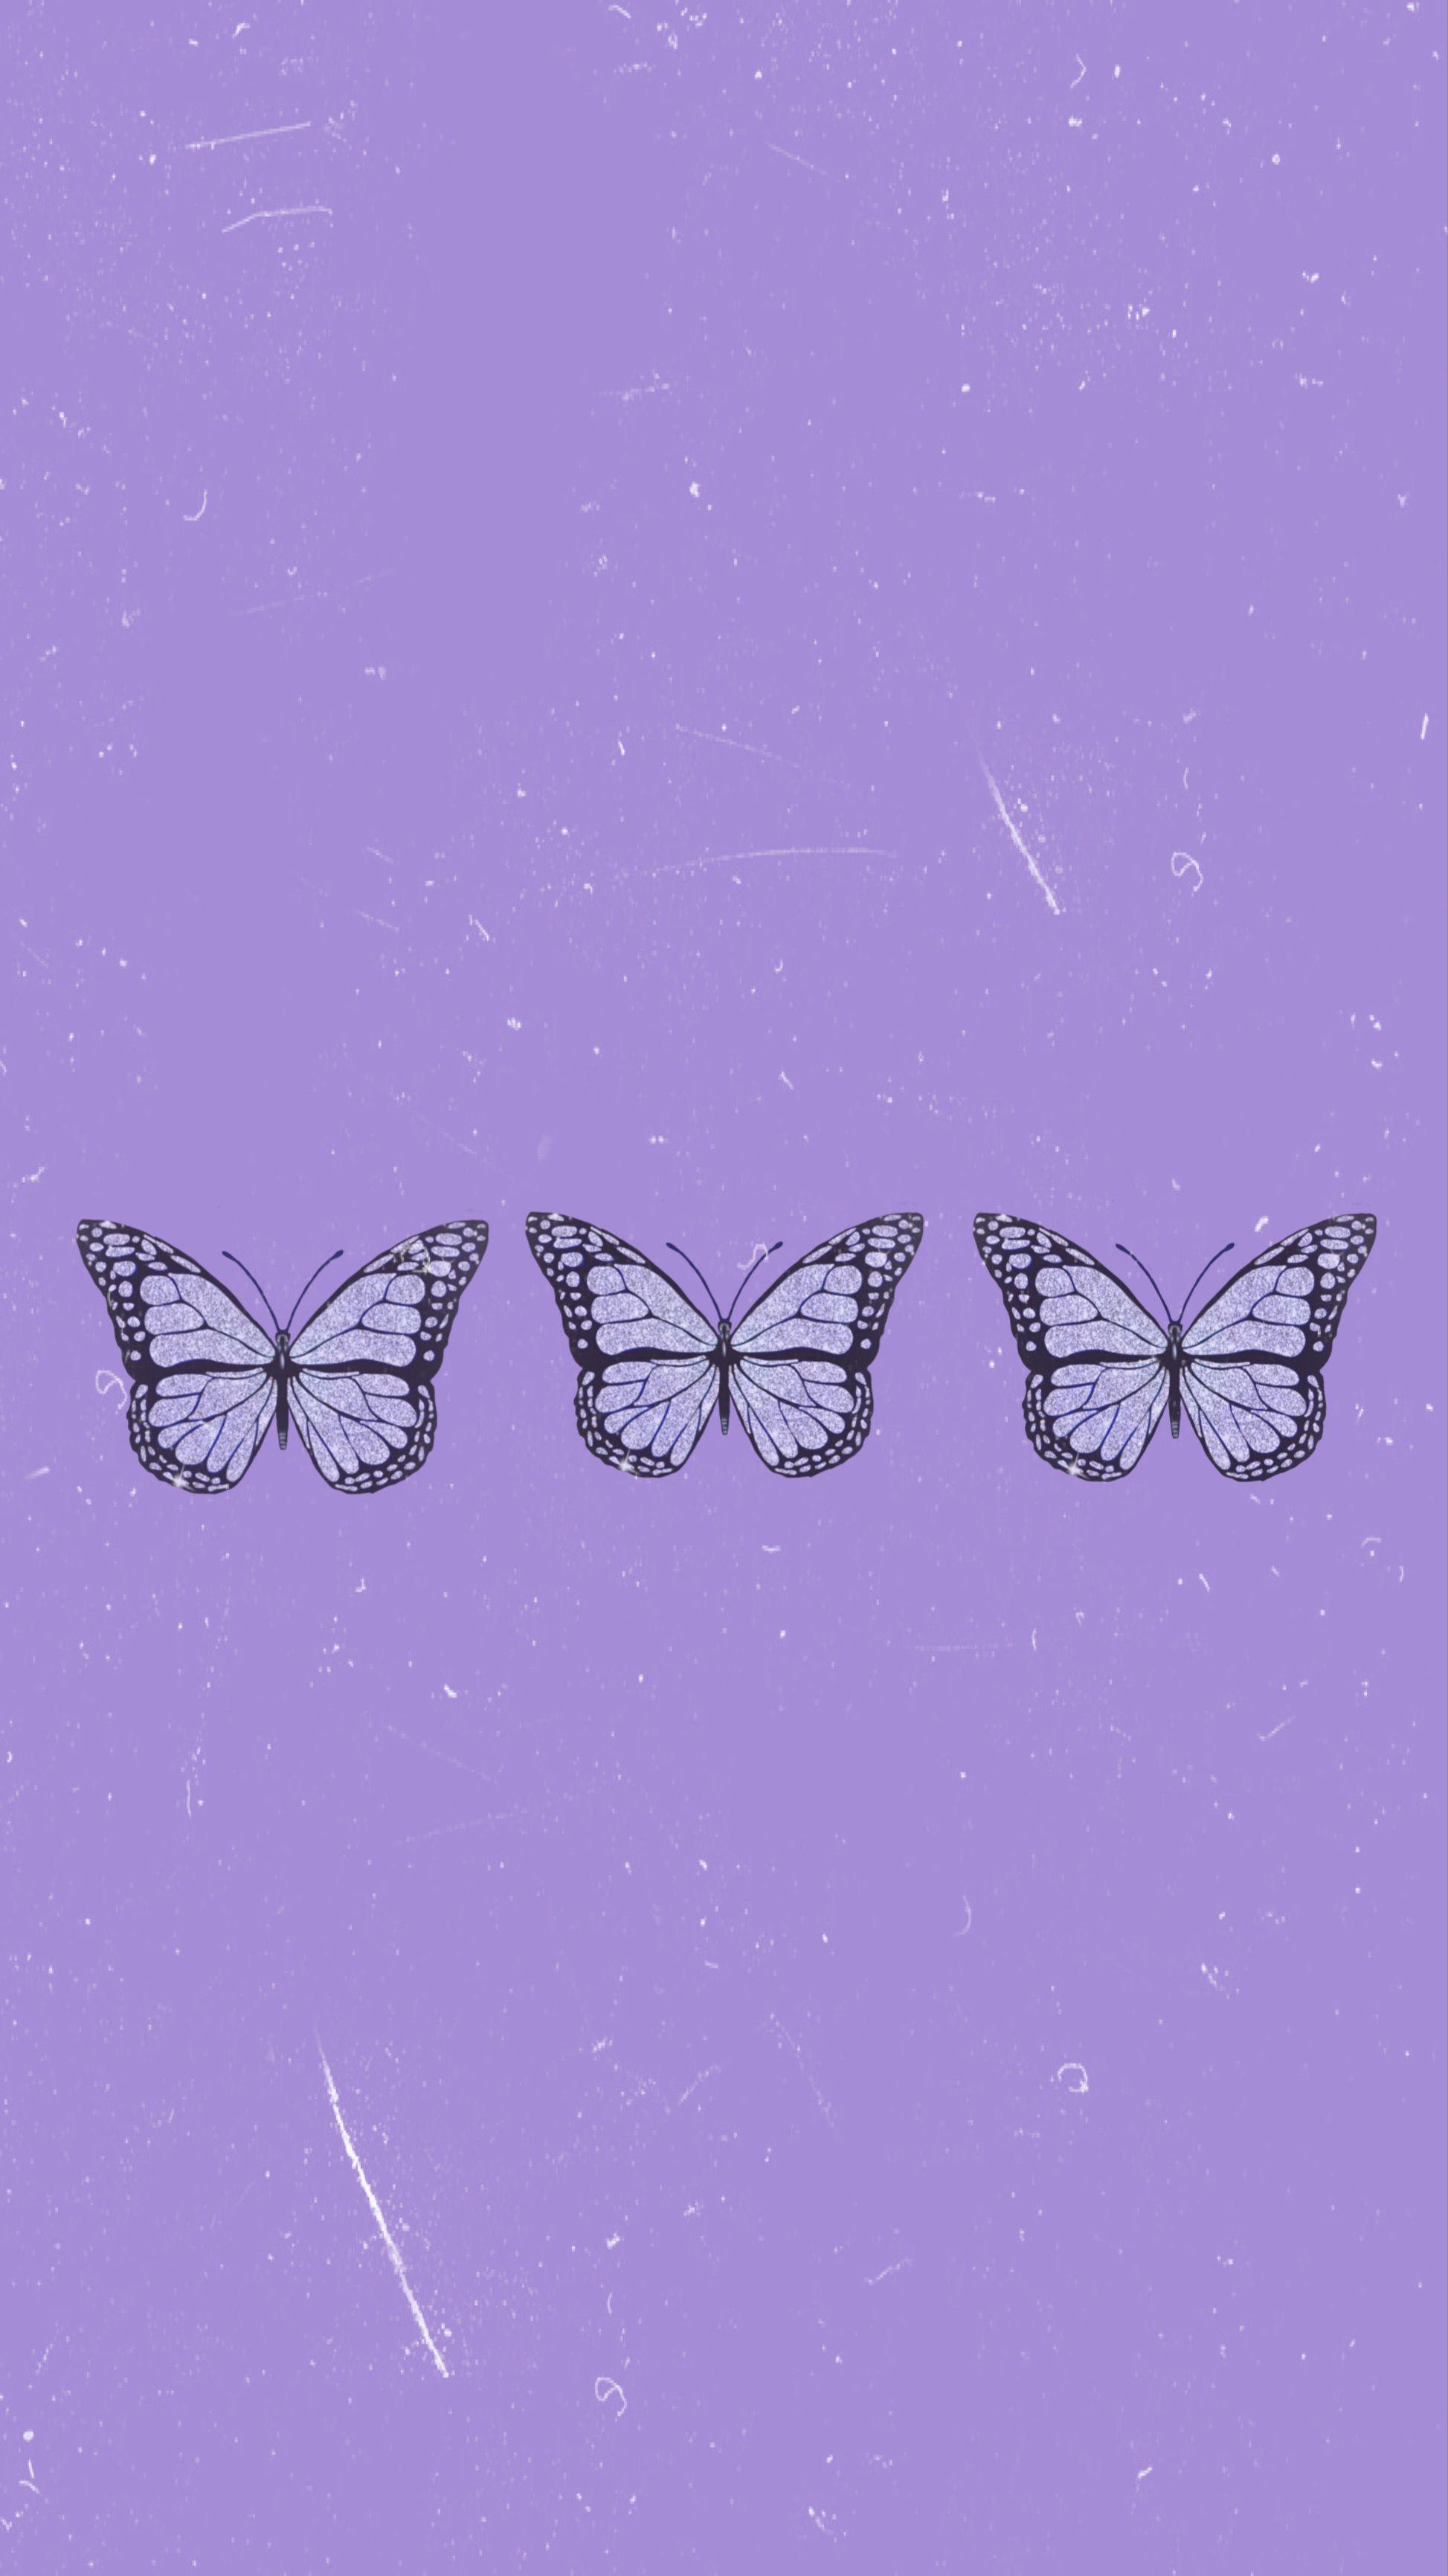 Purple Butterfly Wallpaper Aesthetic : purple, butterfly, wallpaper, aesthetic, Butterfly, Wallpaper, Wallpaper,, Iphone,, Purple